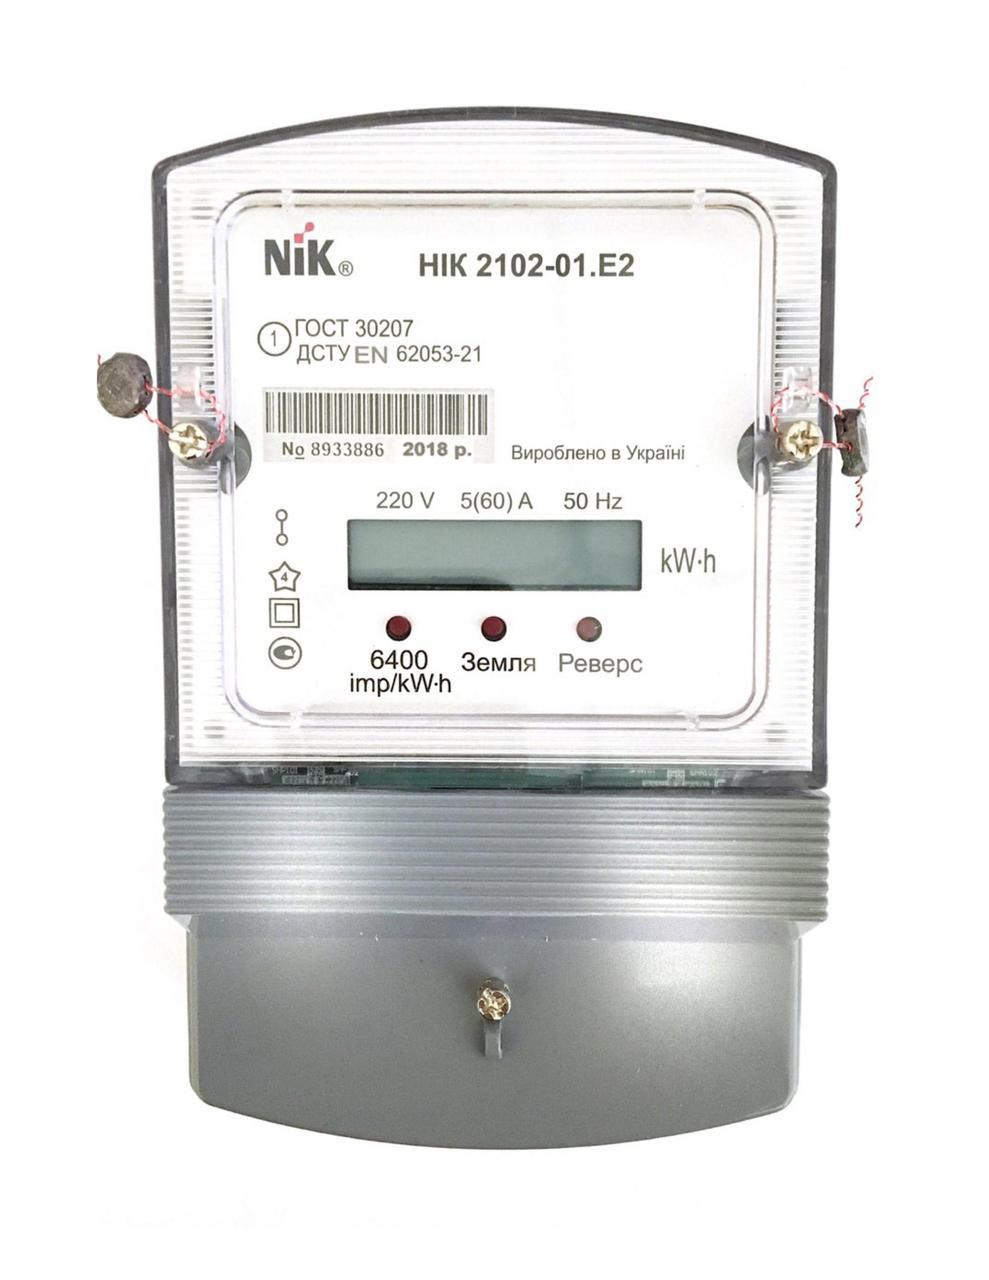 Электросчетчик NIK 2102-02.Е2 однотарифный однофазный ЖКИ (Аналог Ник 2102 01 М1В)